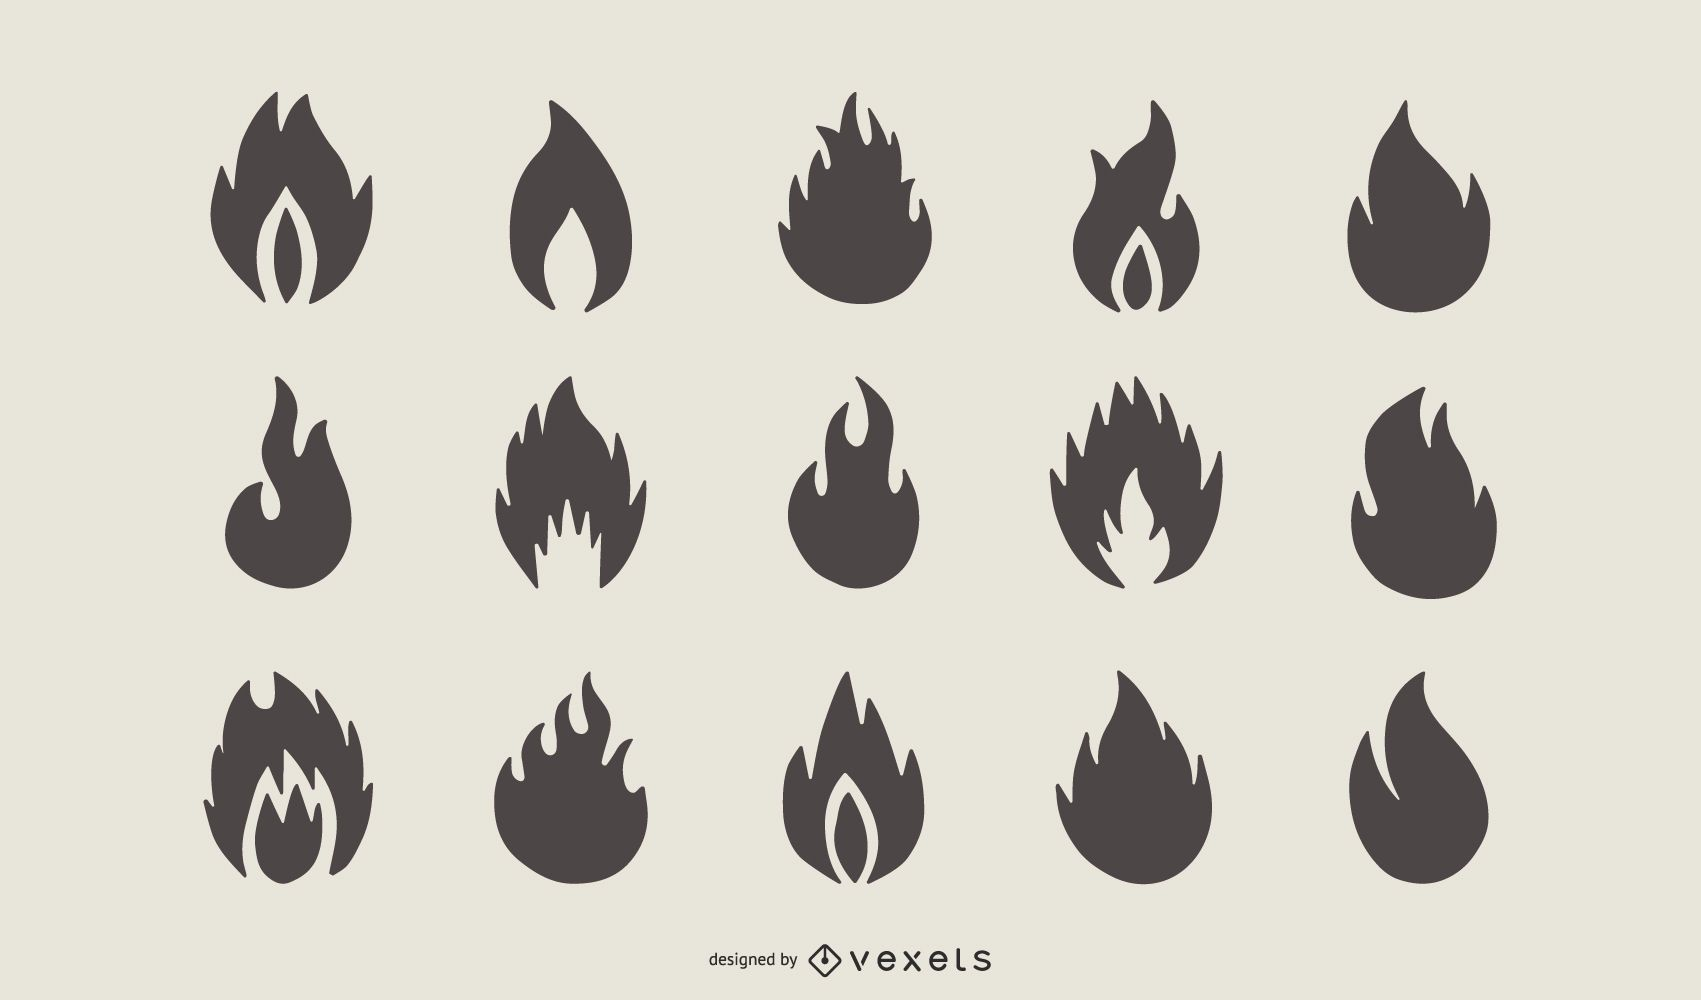 Set of Fire Flame Shape Silhouette